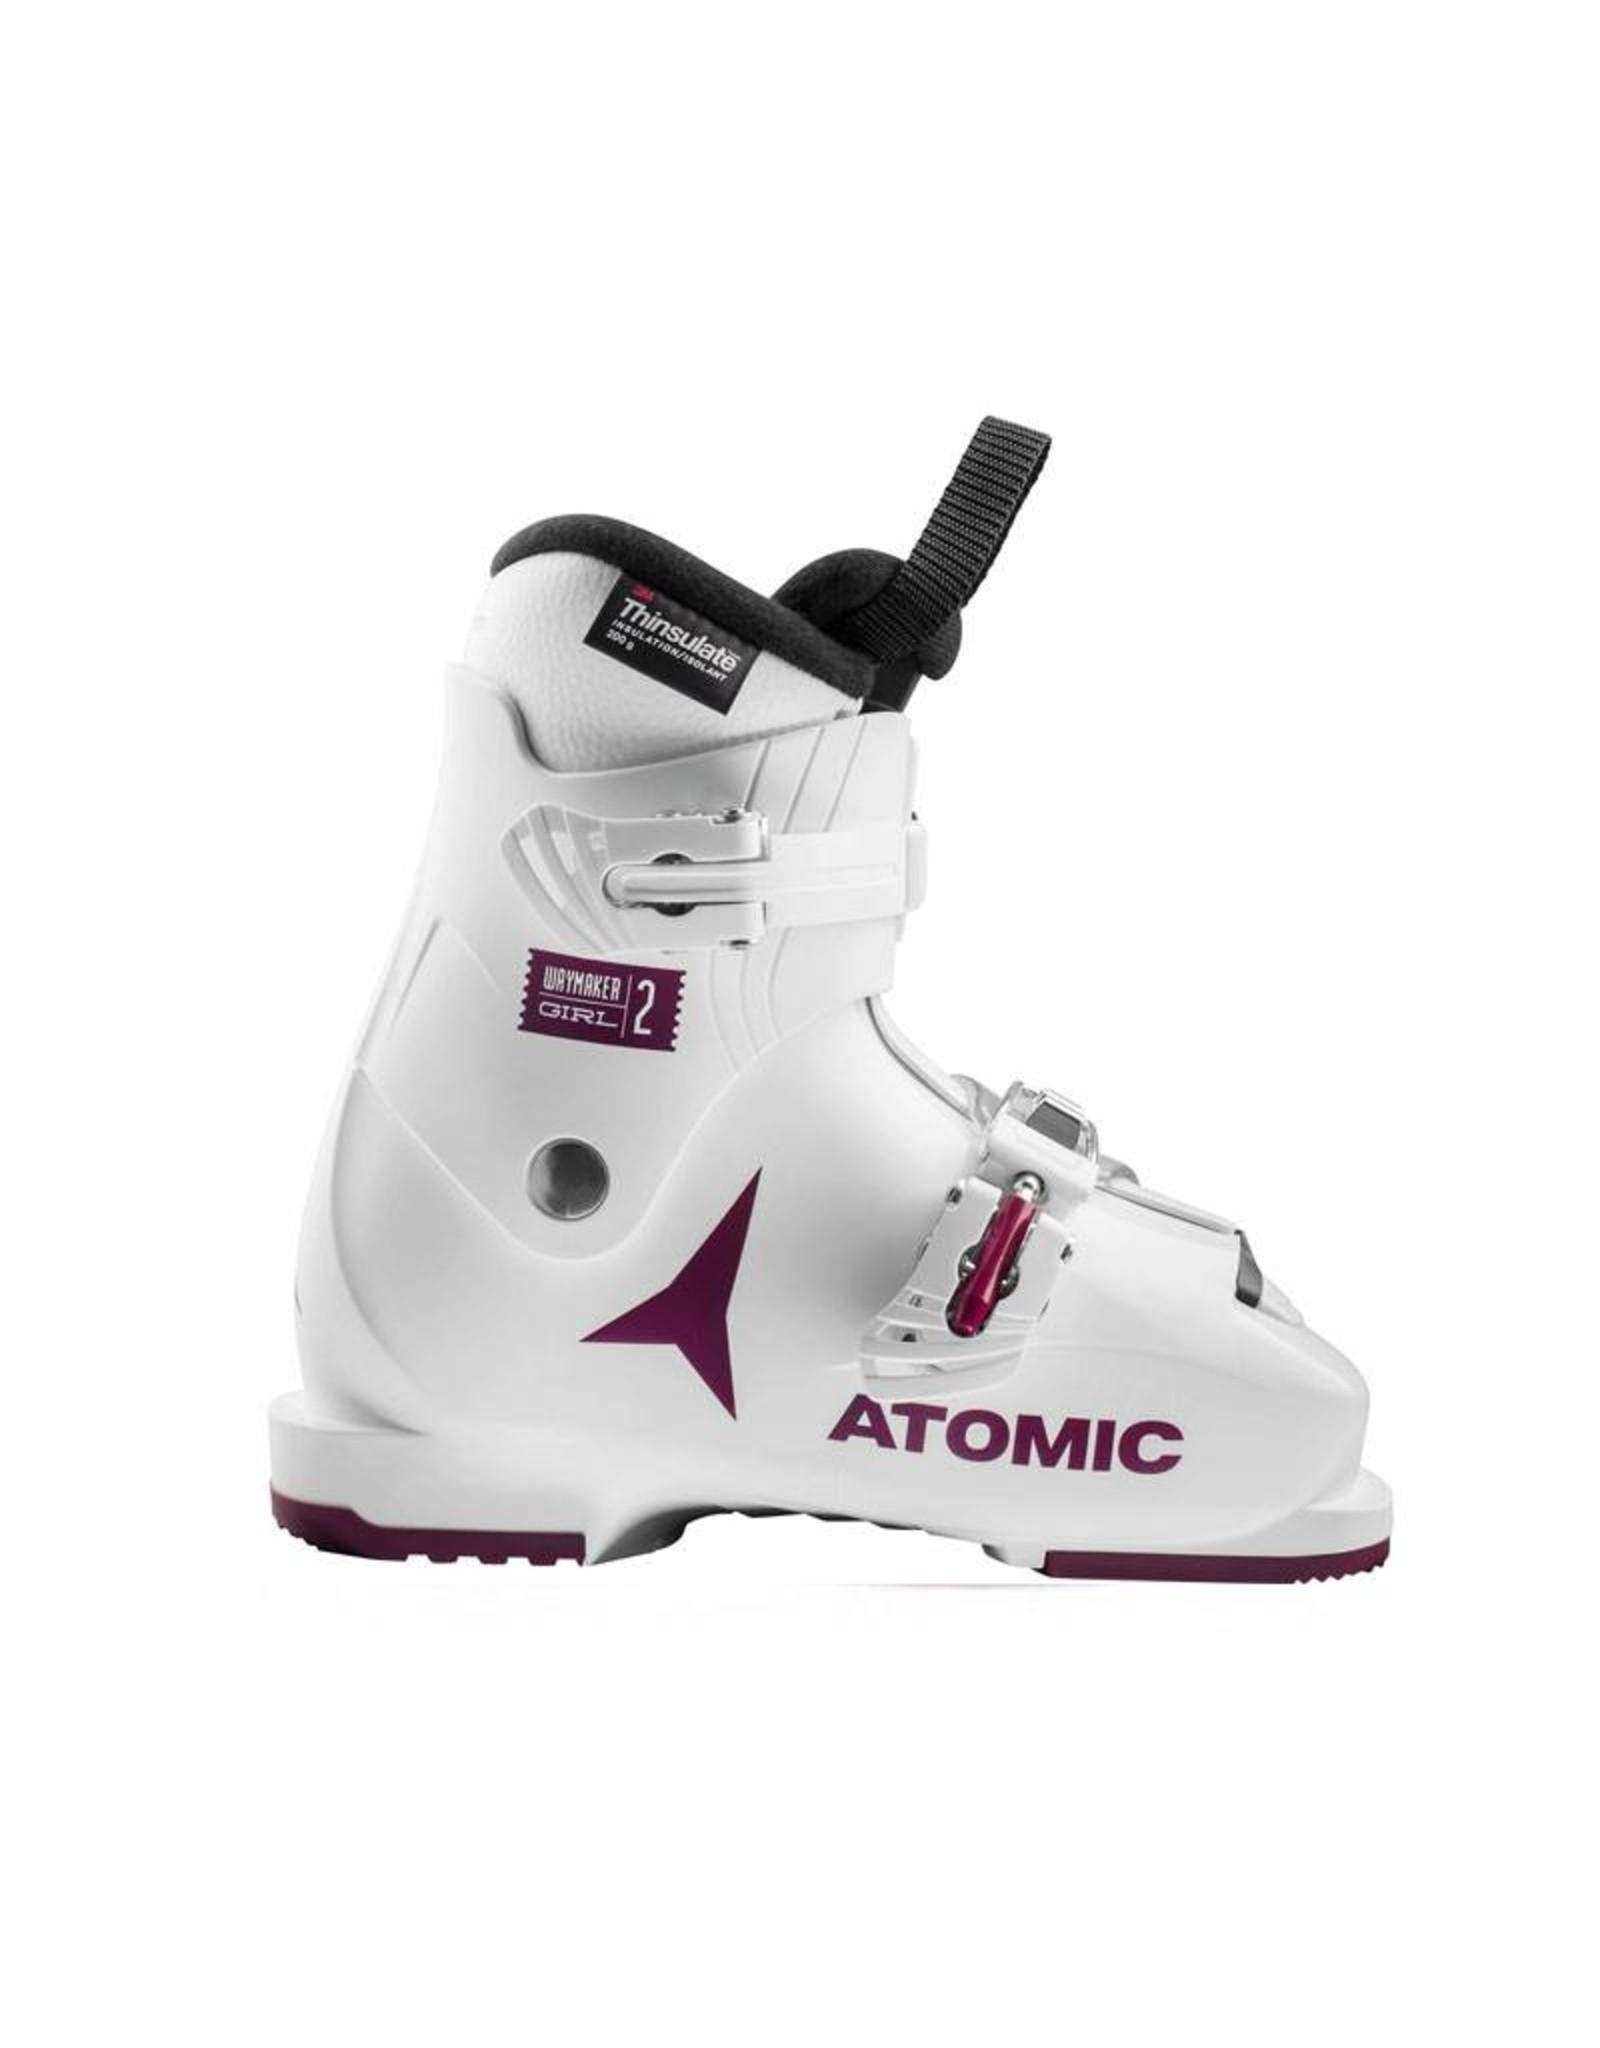 ATOMIC Skischoenen ATOMIC Waymaker Girl 2 Wit/Paars Gebruikt 30 (mondo 19)